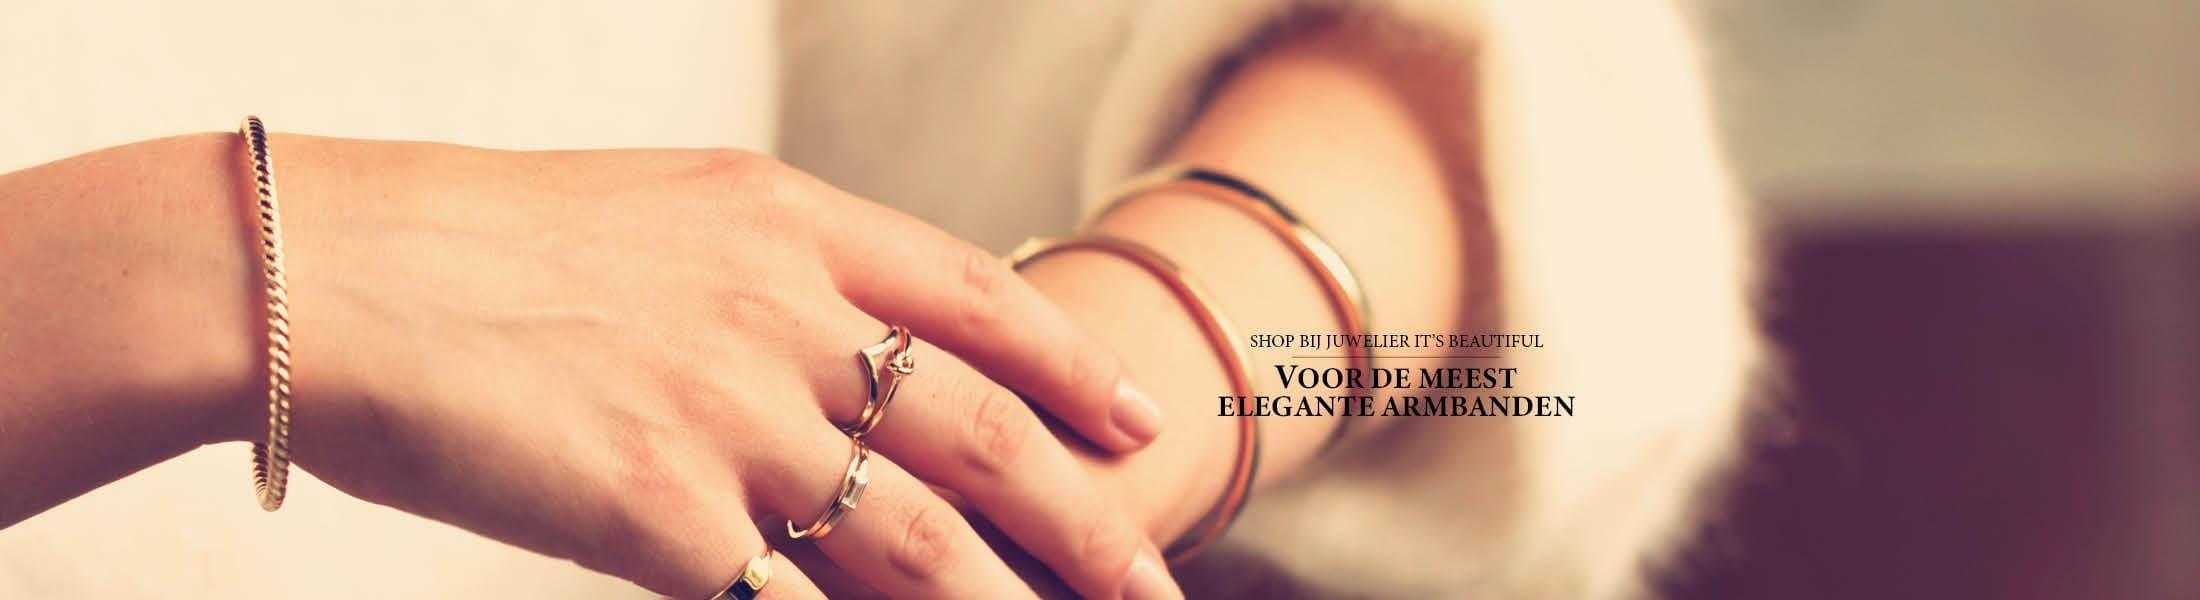 Shop bij juwelier It's Beautiful voor de meest elegante armbanden